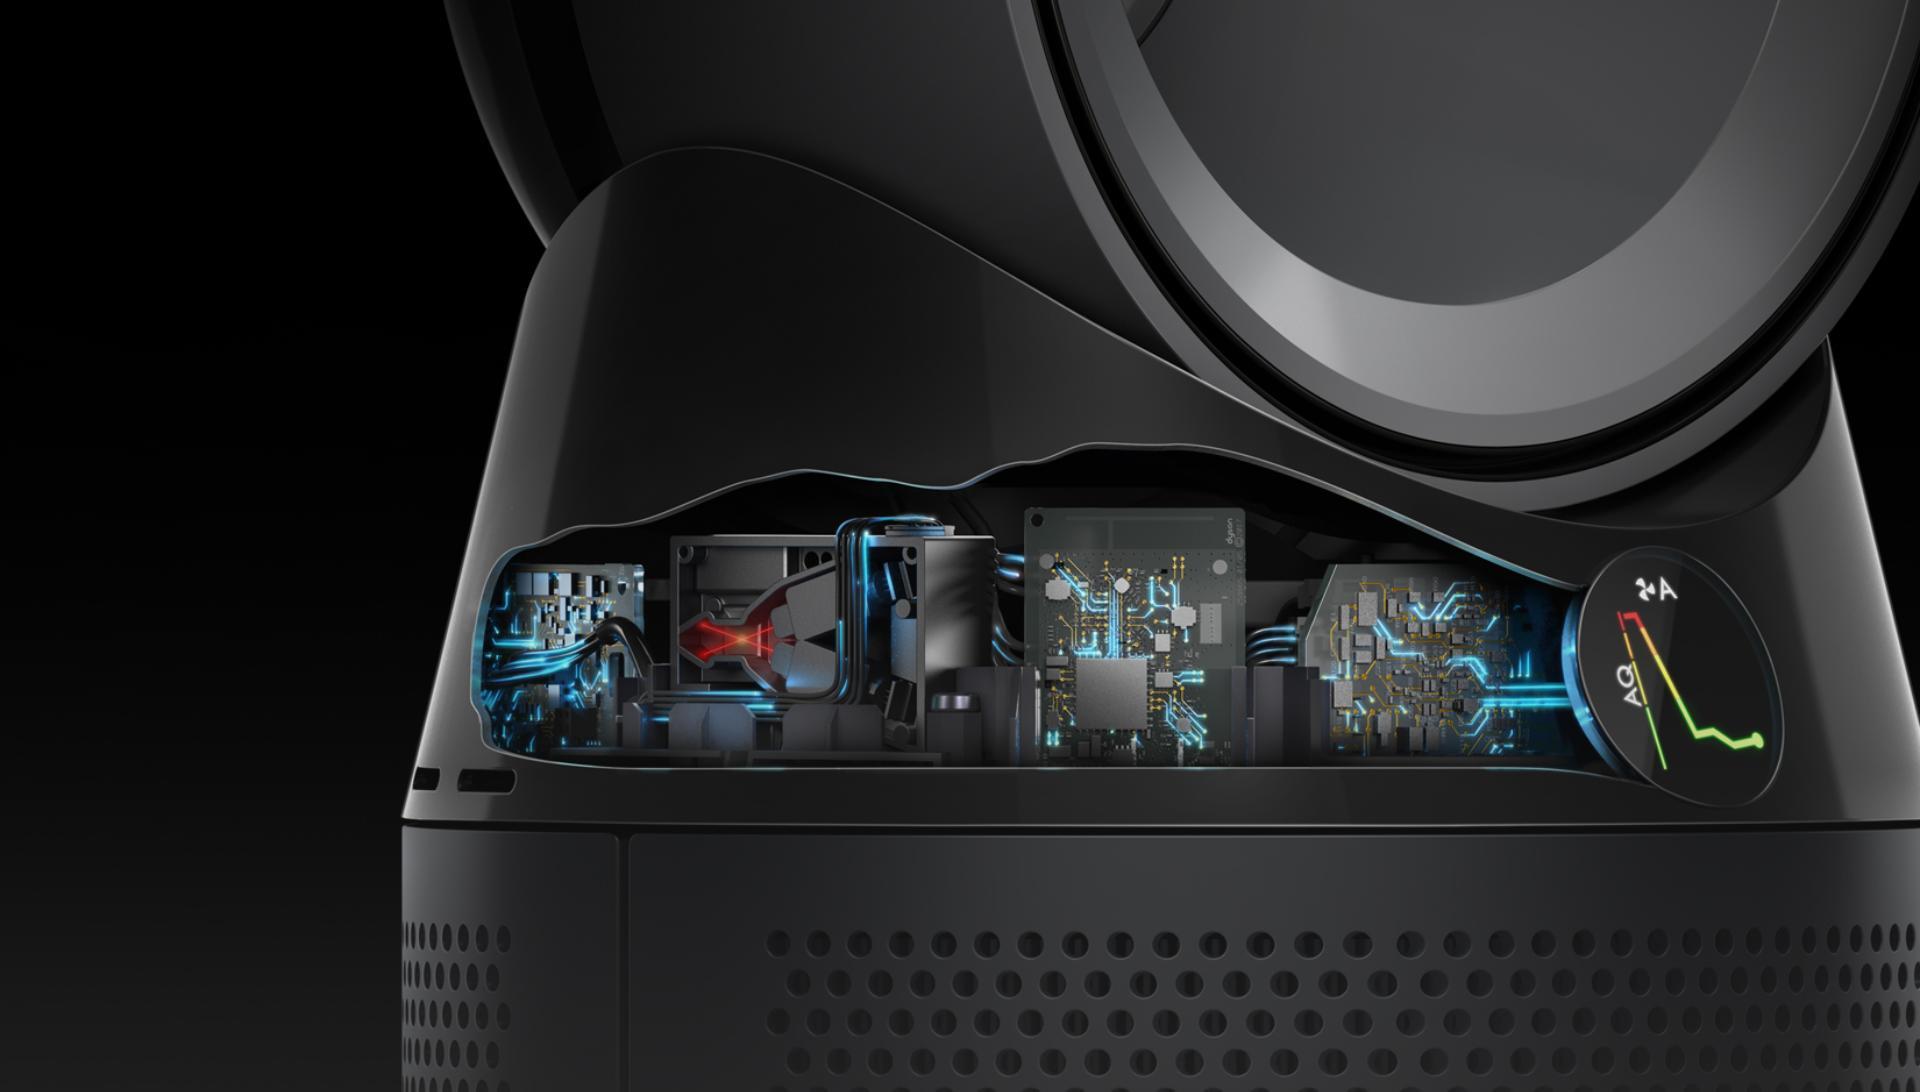 Dyson Pure Hot+Cool Havayı Temizleyen Fanın içinin X-ray görünümü